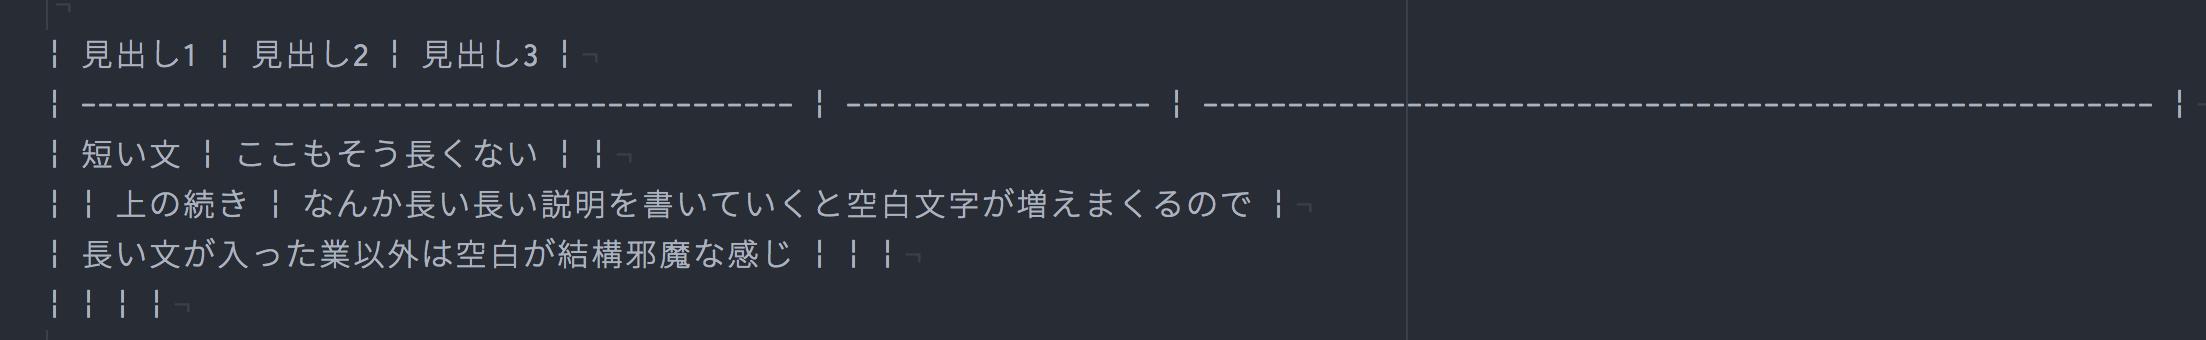 スクリーンショット 2018-03-17 16.53.50.png